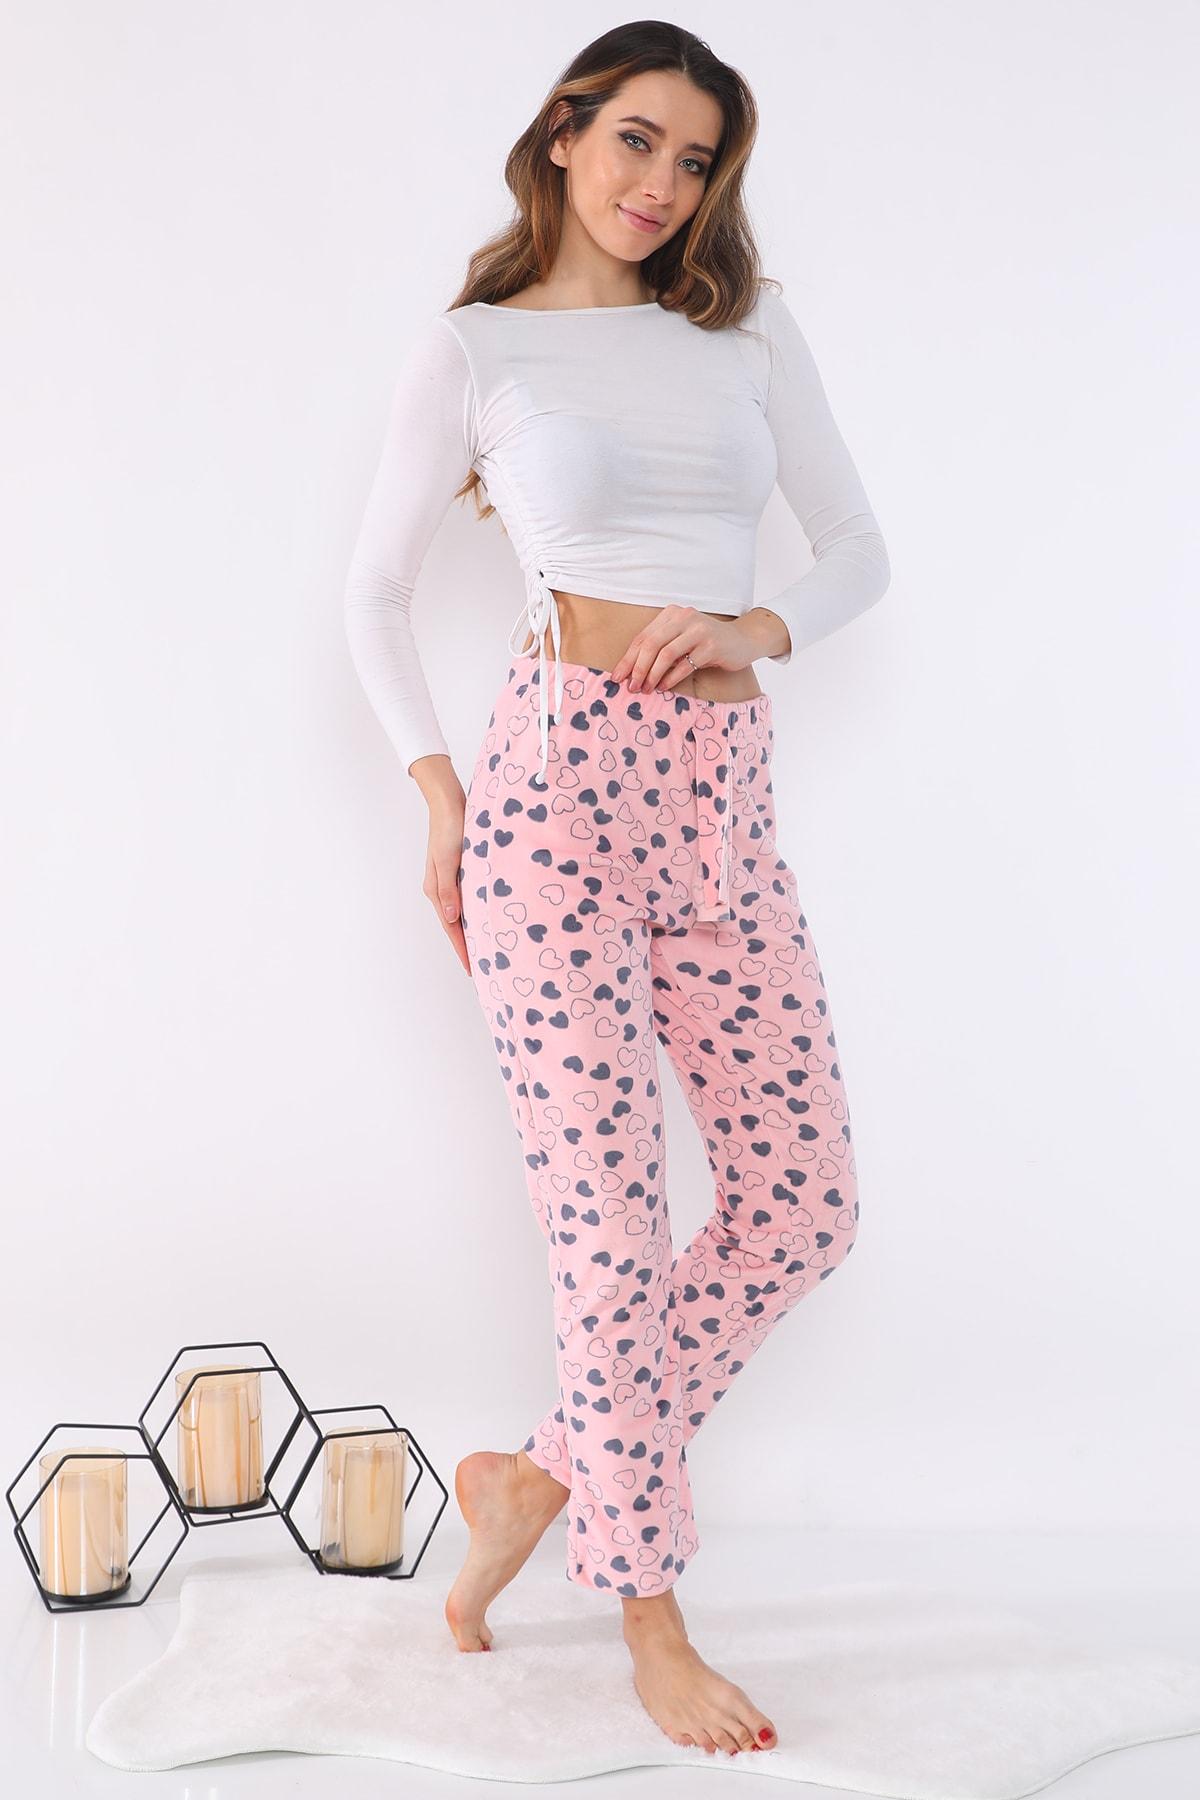 Kadın Kadife Baskılı Pijama Altı